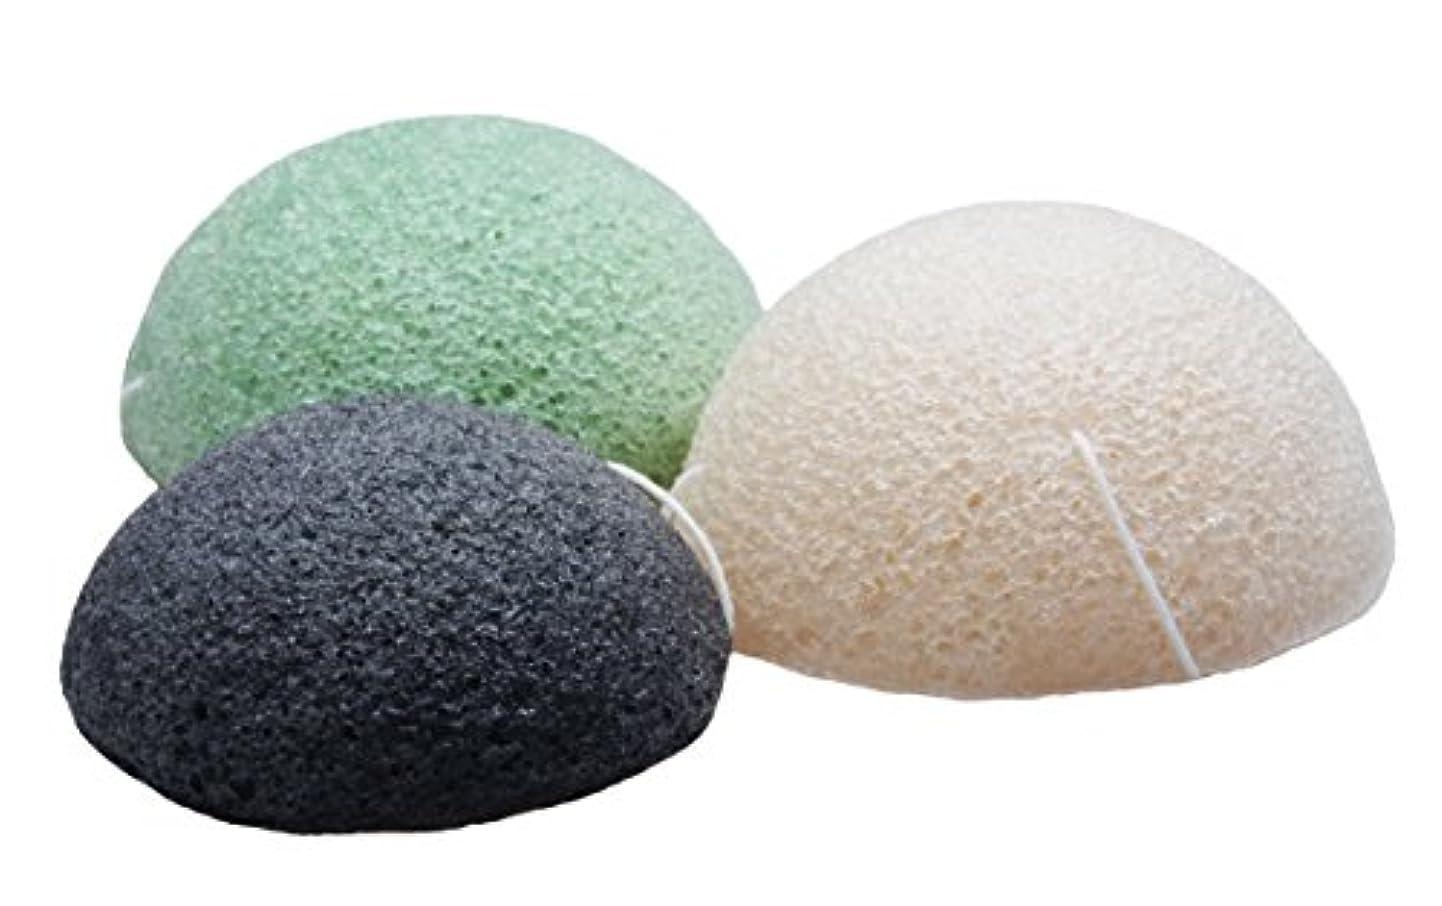 特にフローティング建物Sinland こんにゃくスポンジ 蒟蒻洗顔マッサージパフ 3色セット 乳白 緑茶 竹炭